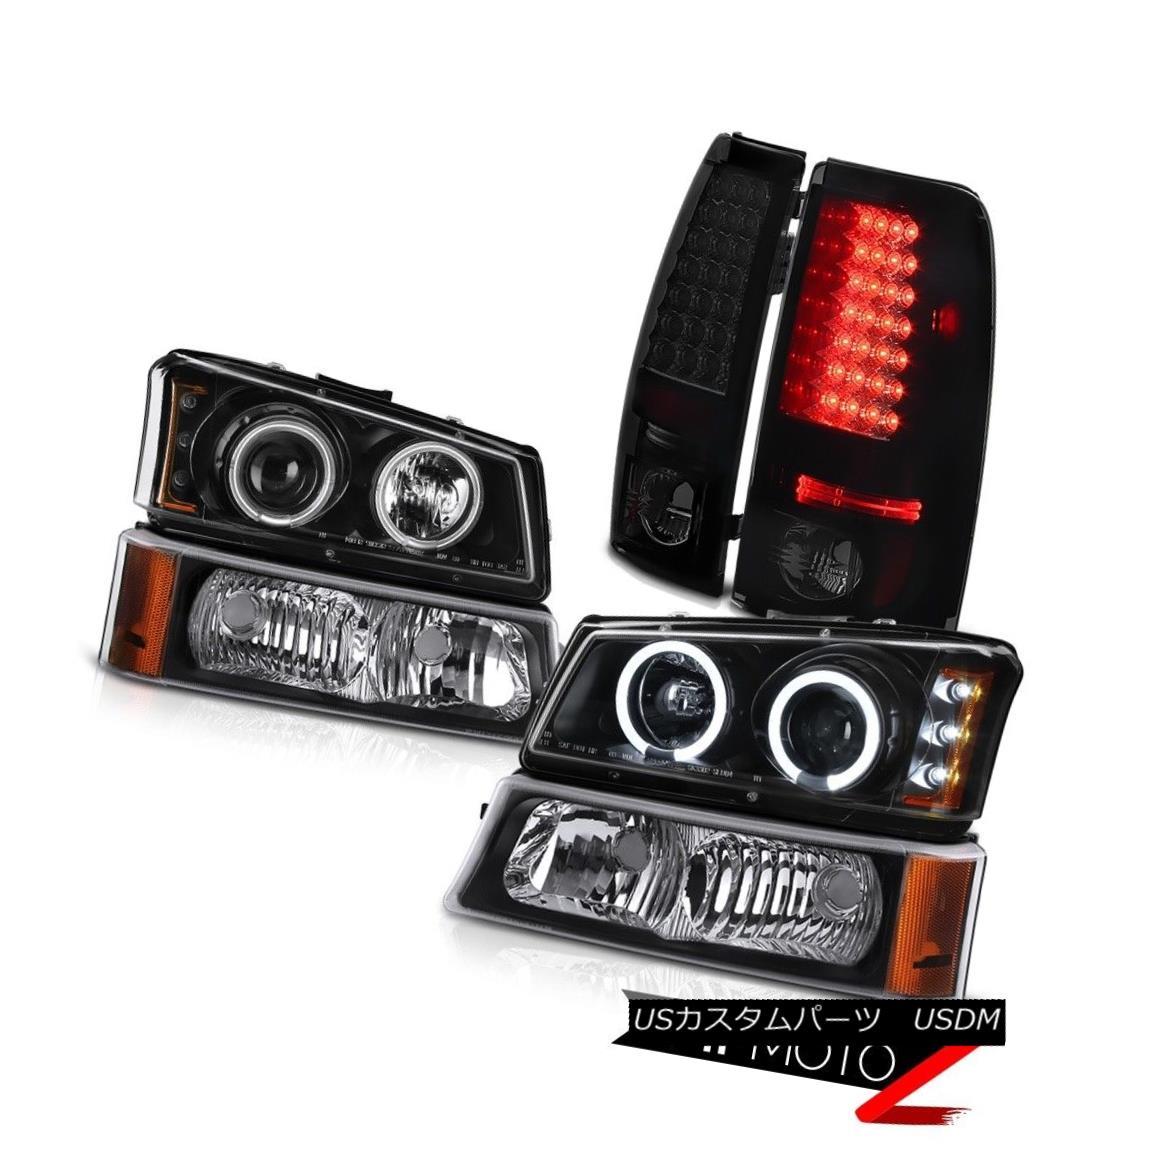 テールライト 2003-2006 Silverado Vortec Max CCFL Halo Black Head Lights Signal LED Taillights 2003-2006 Silverado Vortec Max CCFL Haloブラックヘッドライト信号LEDの曇り